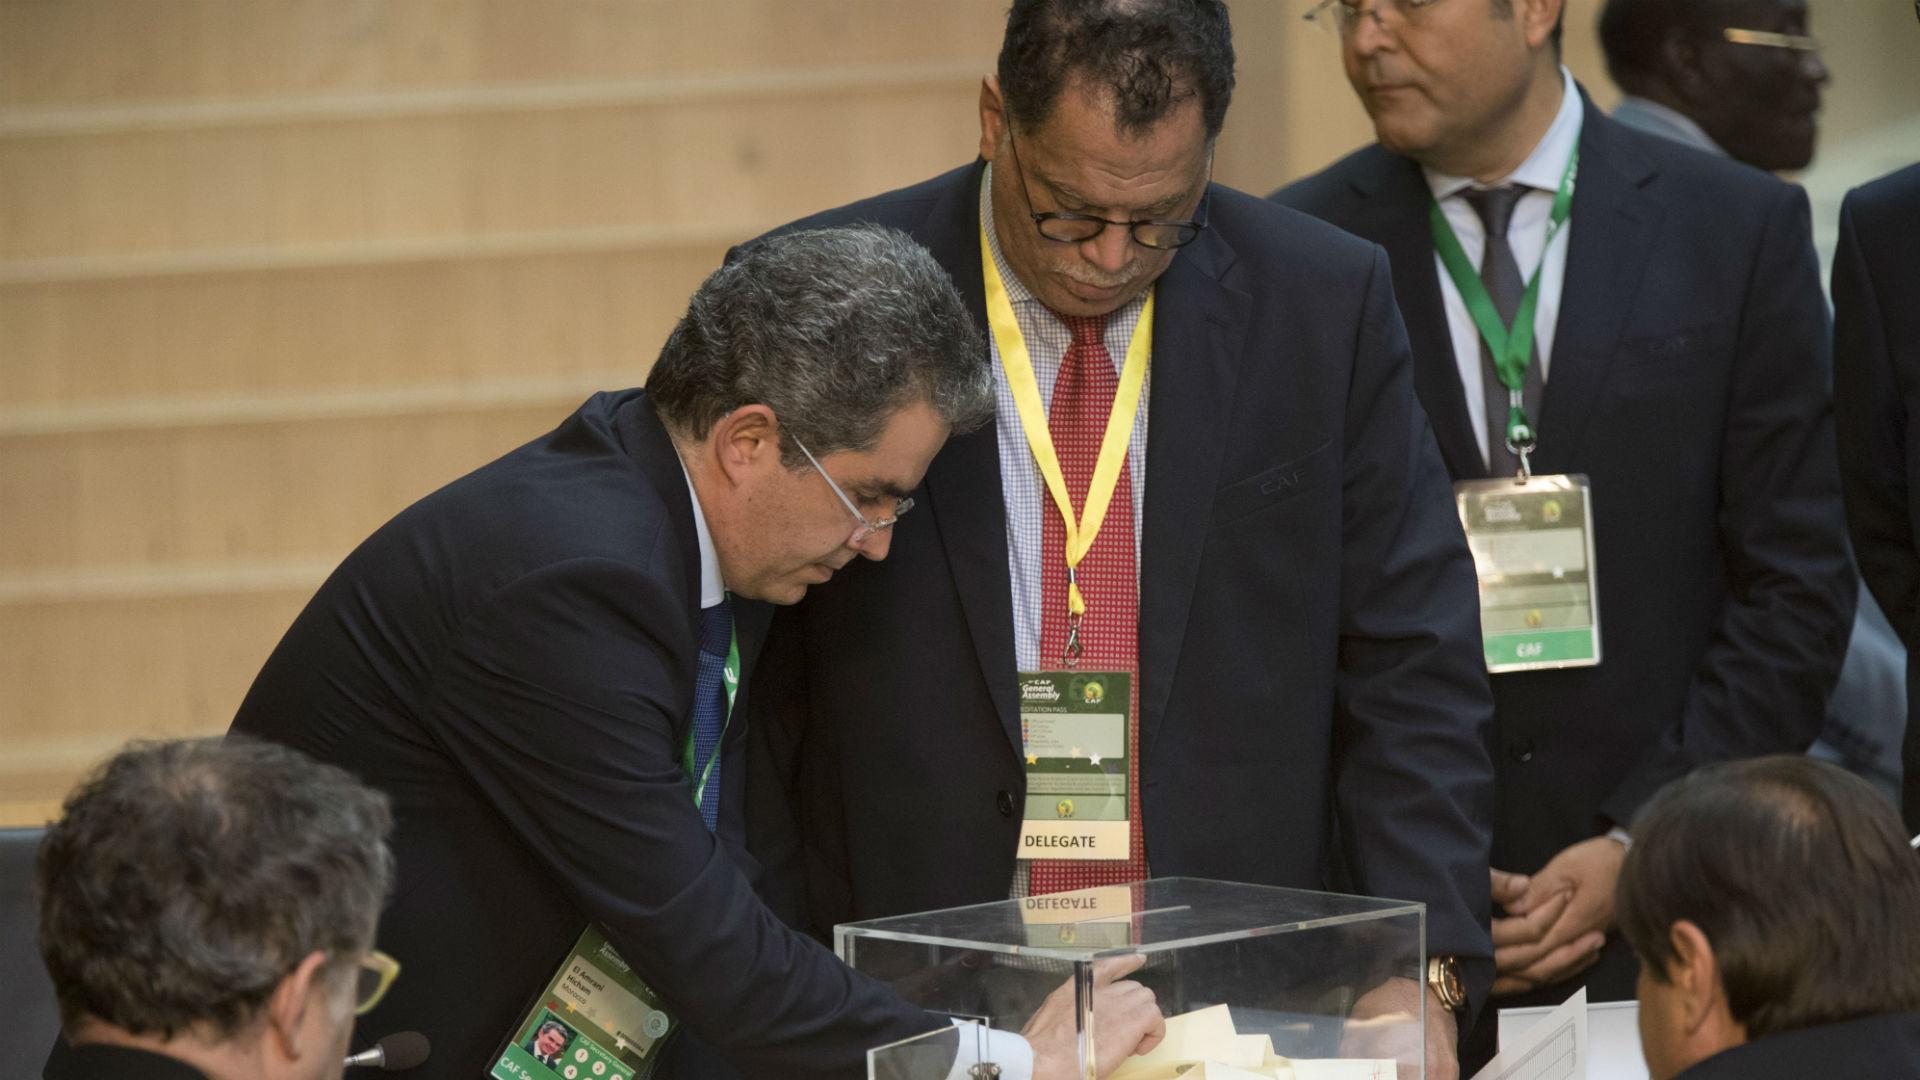 SAFA President Danny Jordaans casts his vote at Caf election